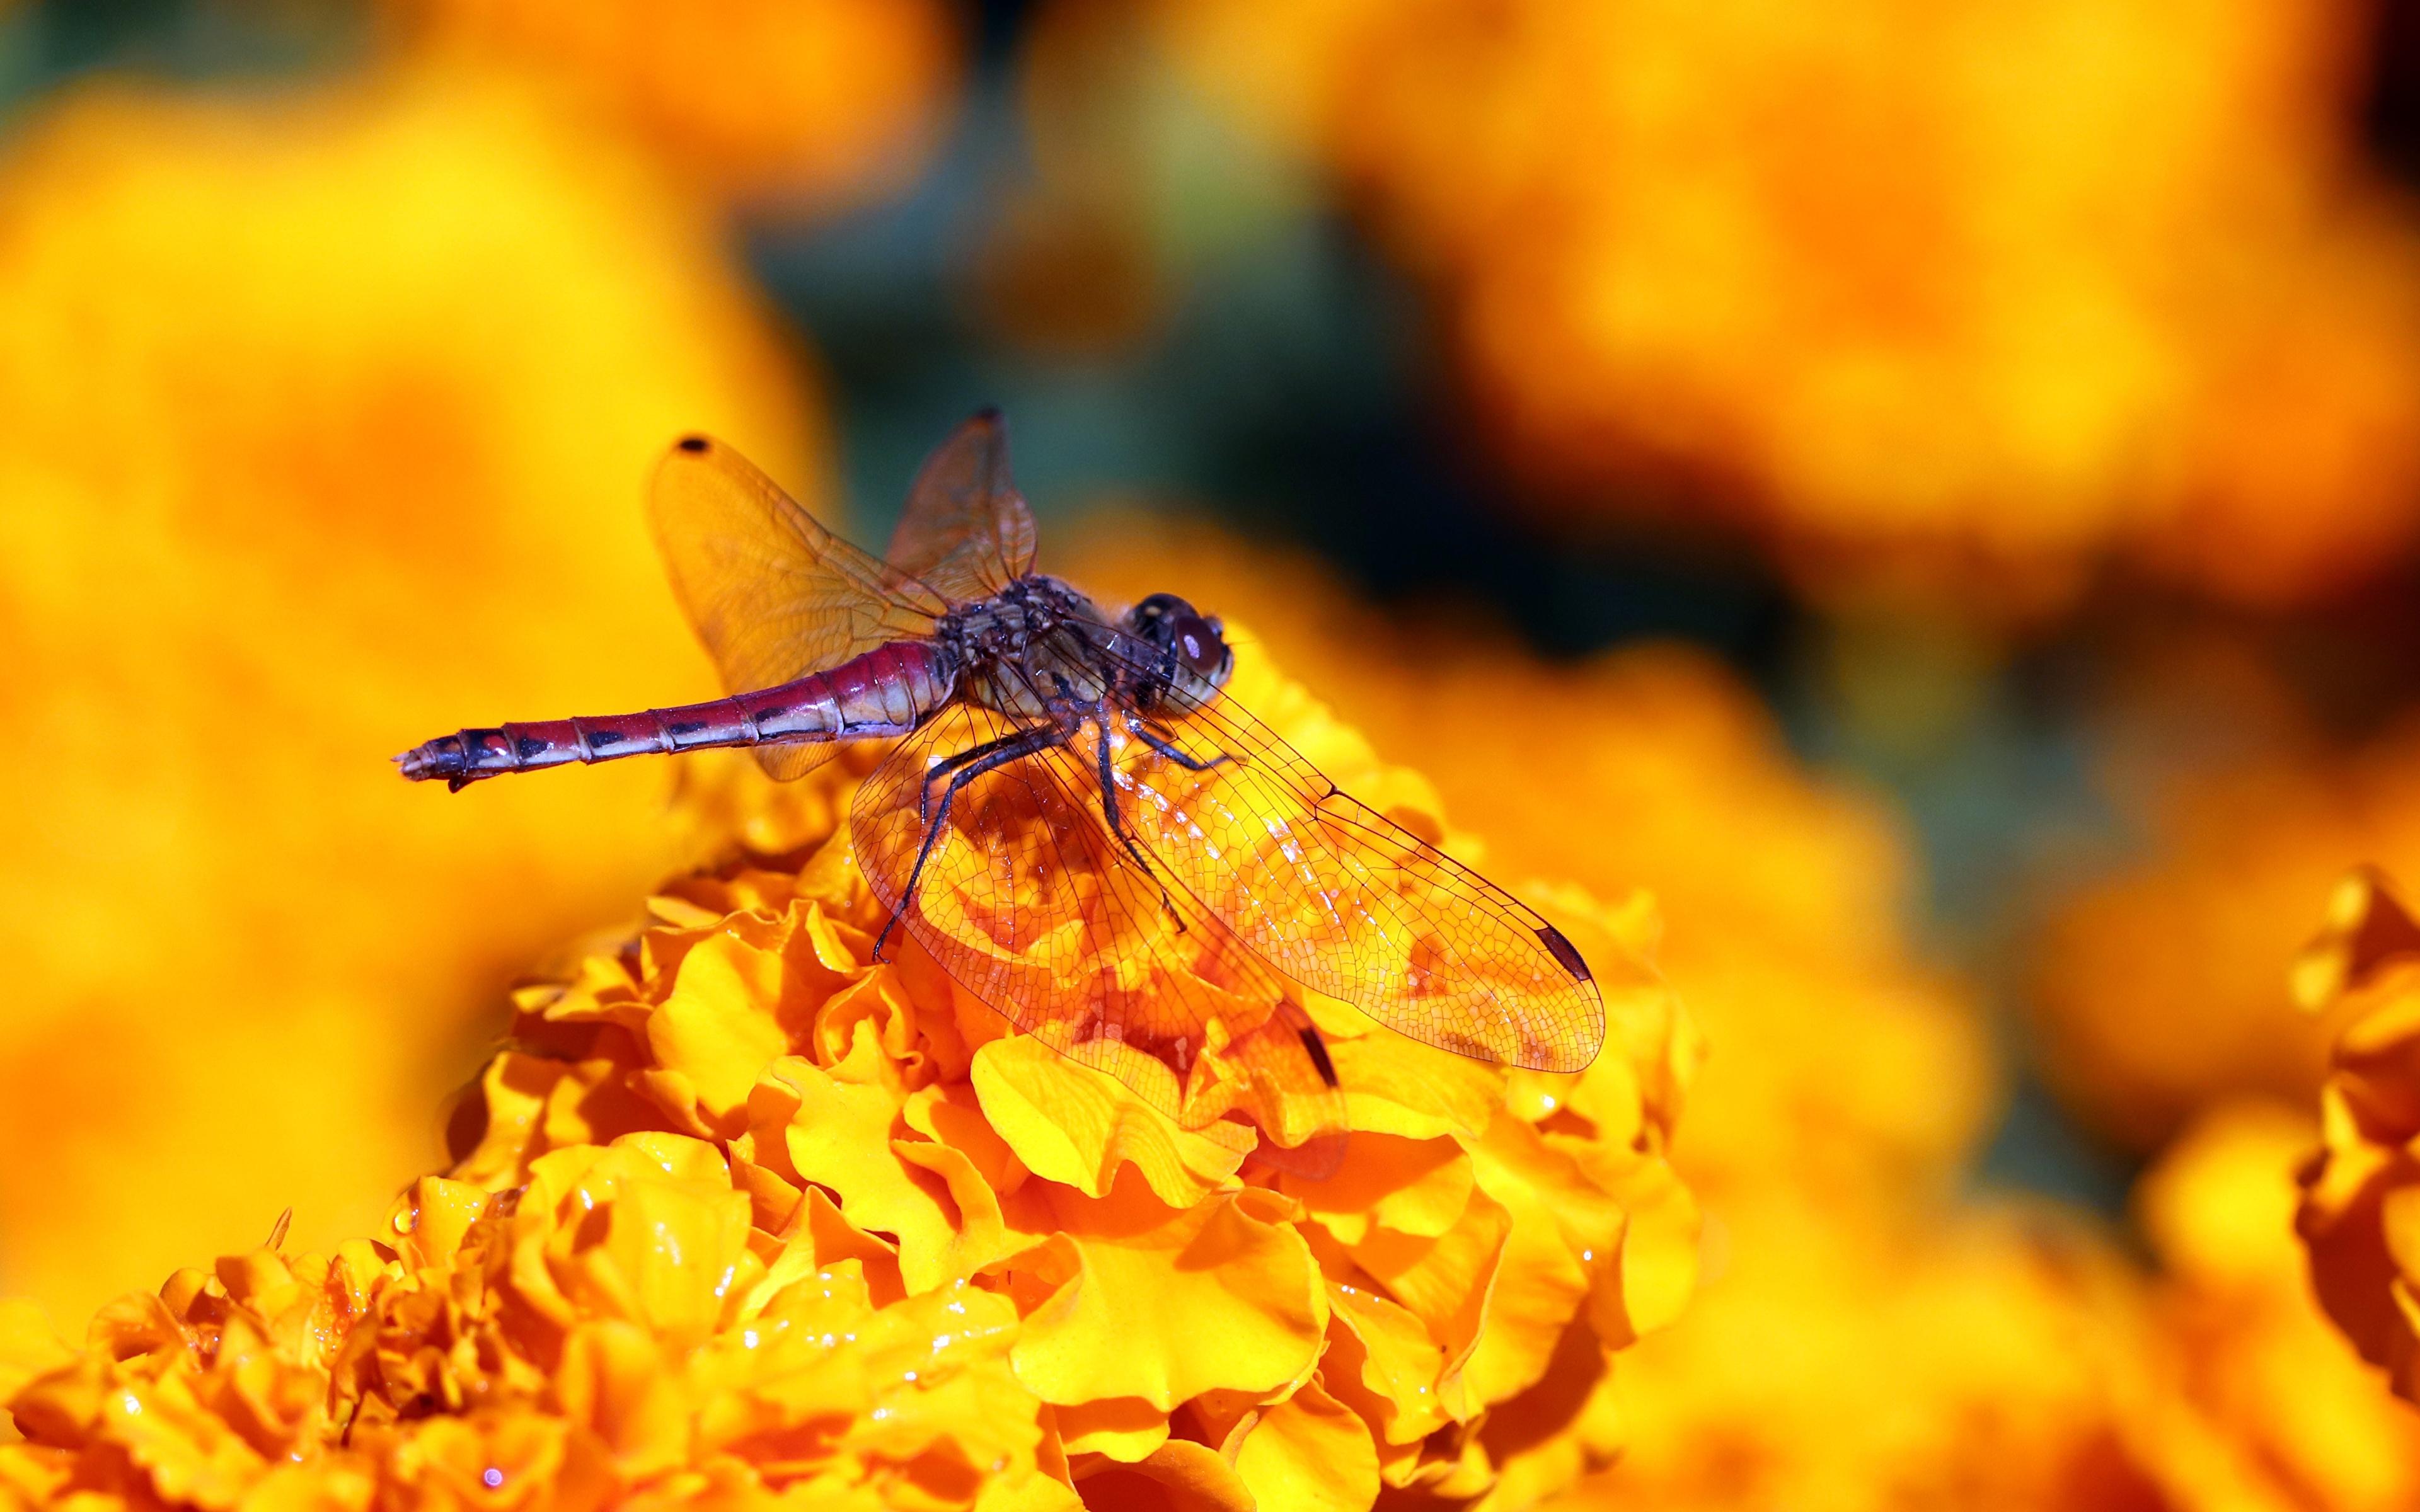 Фотографии Стрекозы Насекомые боке Животные Крупным планом 3840x2400 насекомое Размытый фон вблизи животное